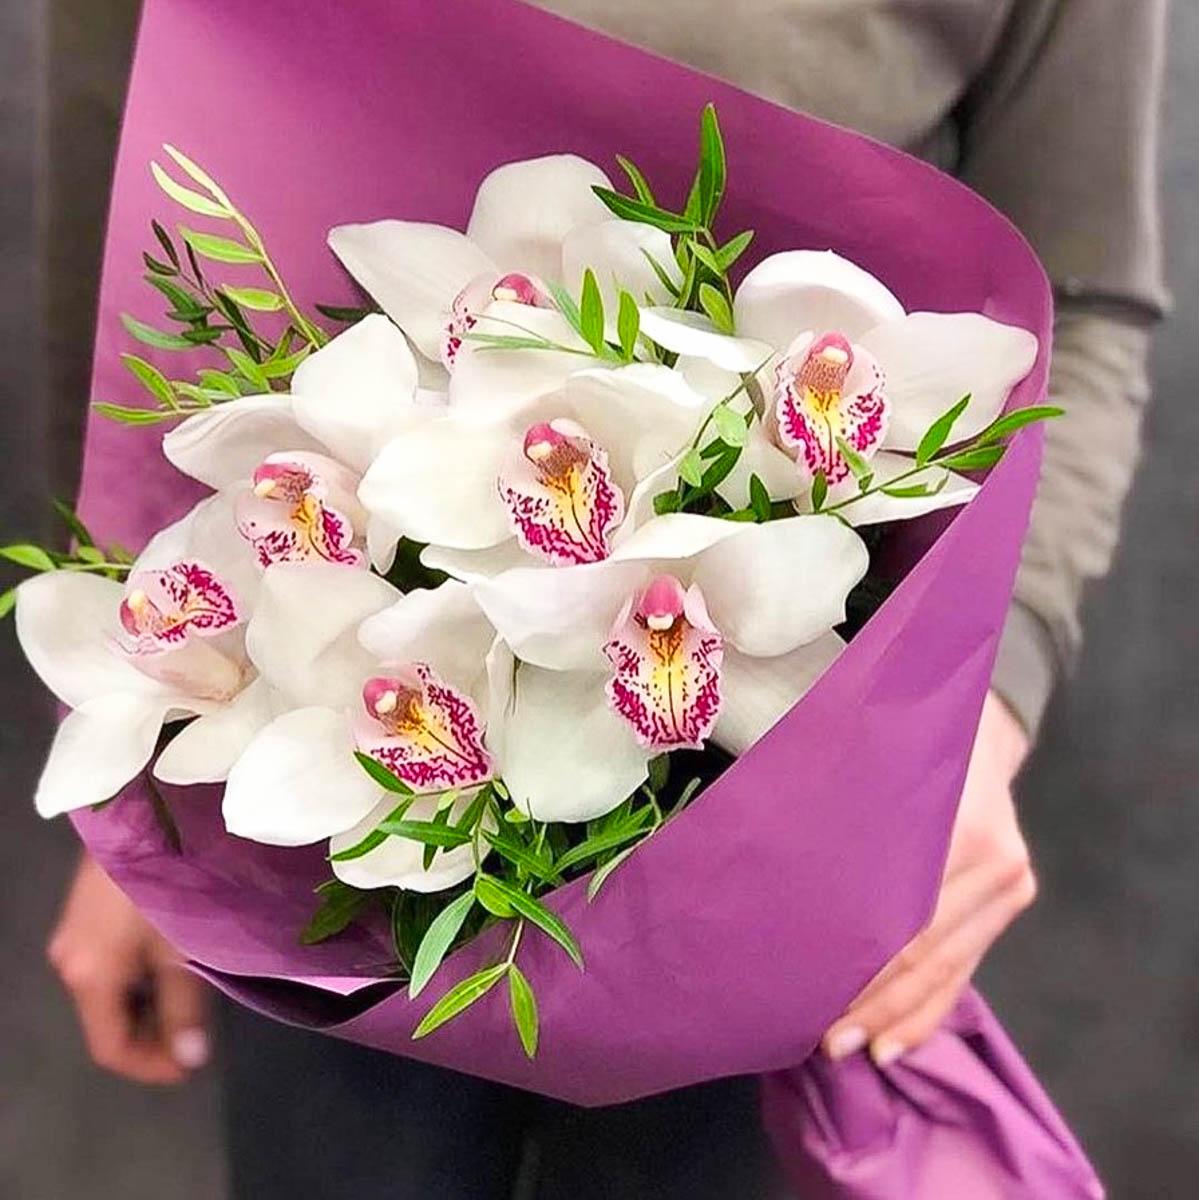 красивый букет орхидей фото на день рождения большое